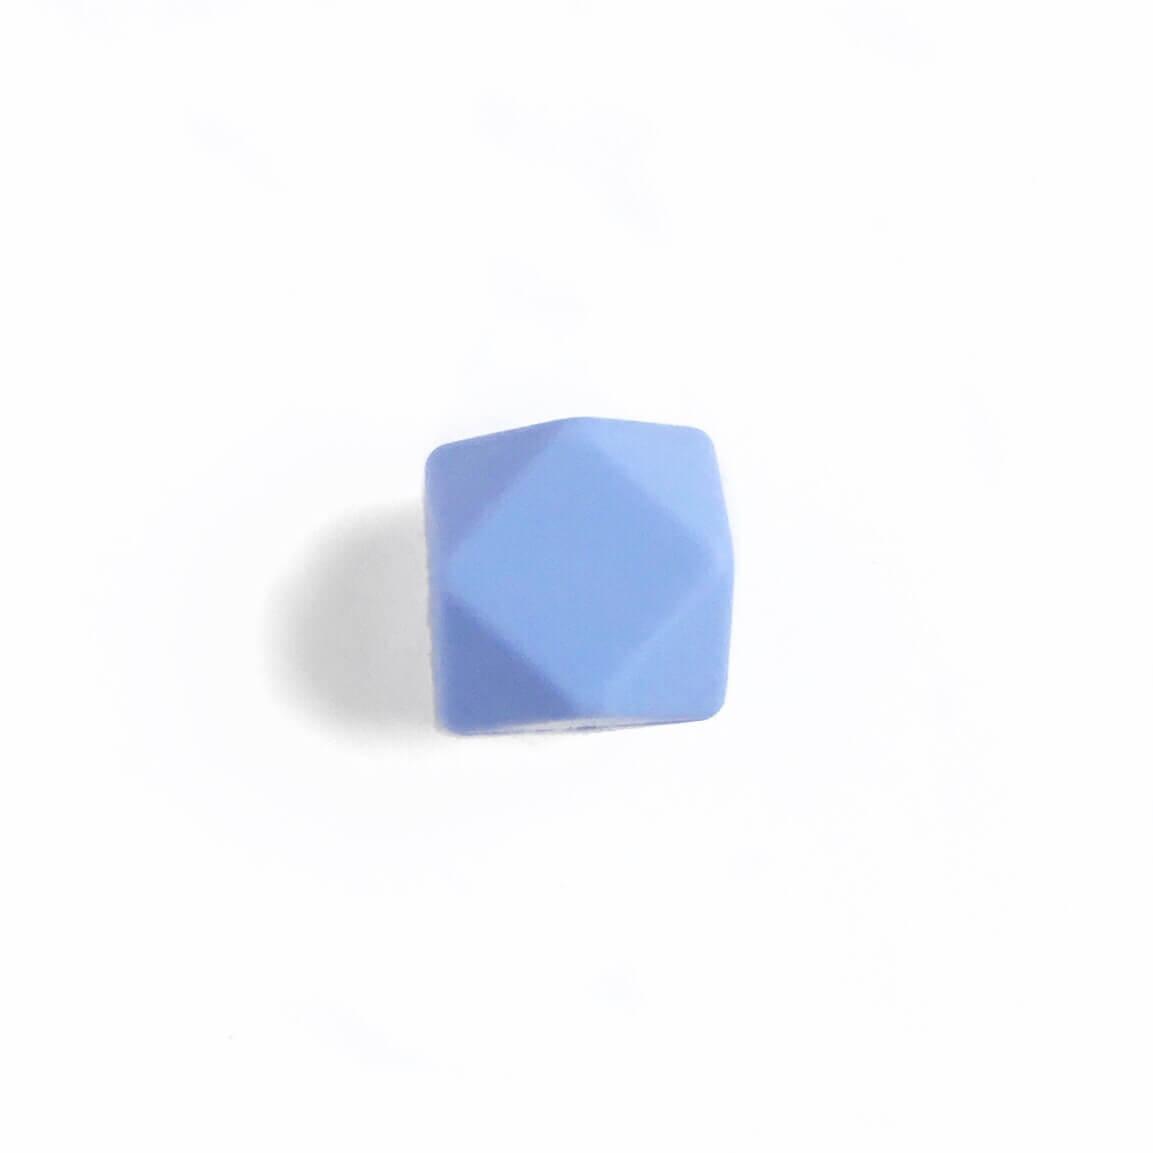 МИНИ гексагон (серенити) 14мм, силиконовая бусина